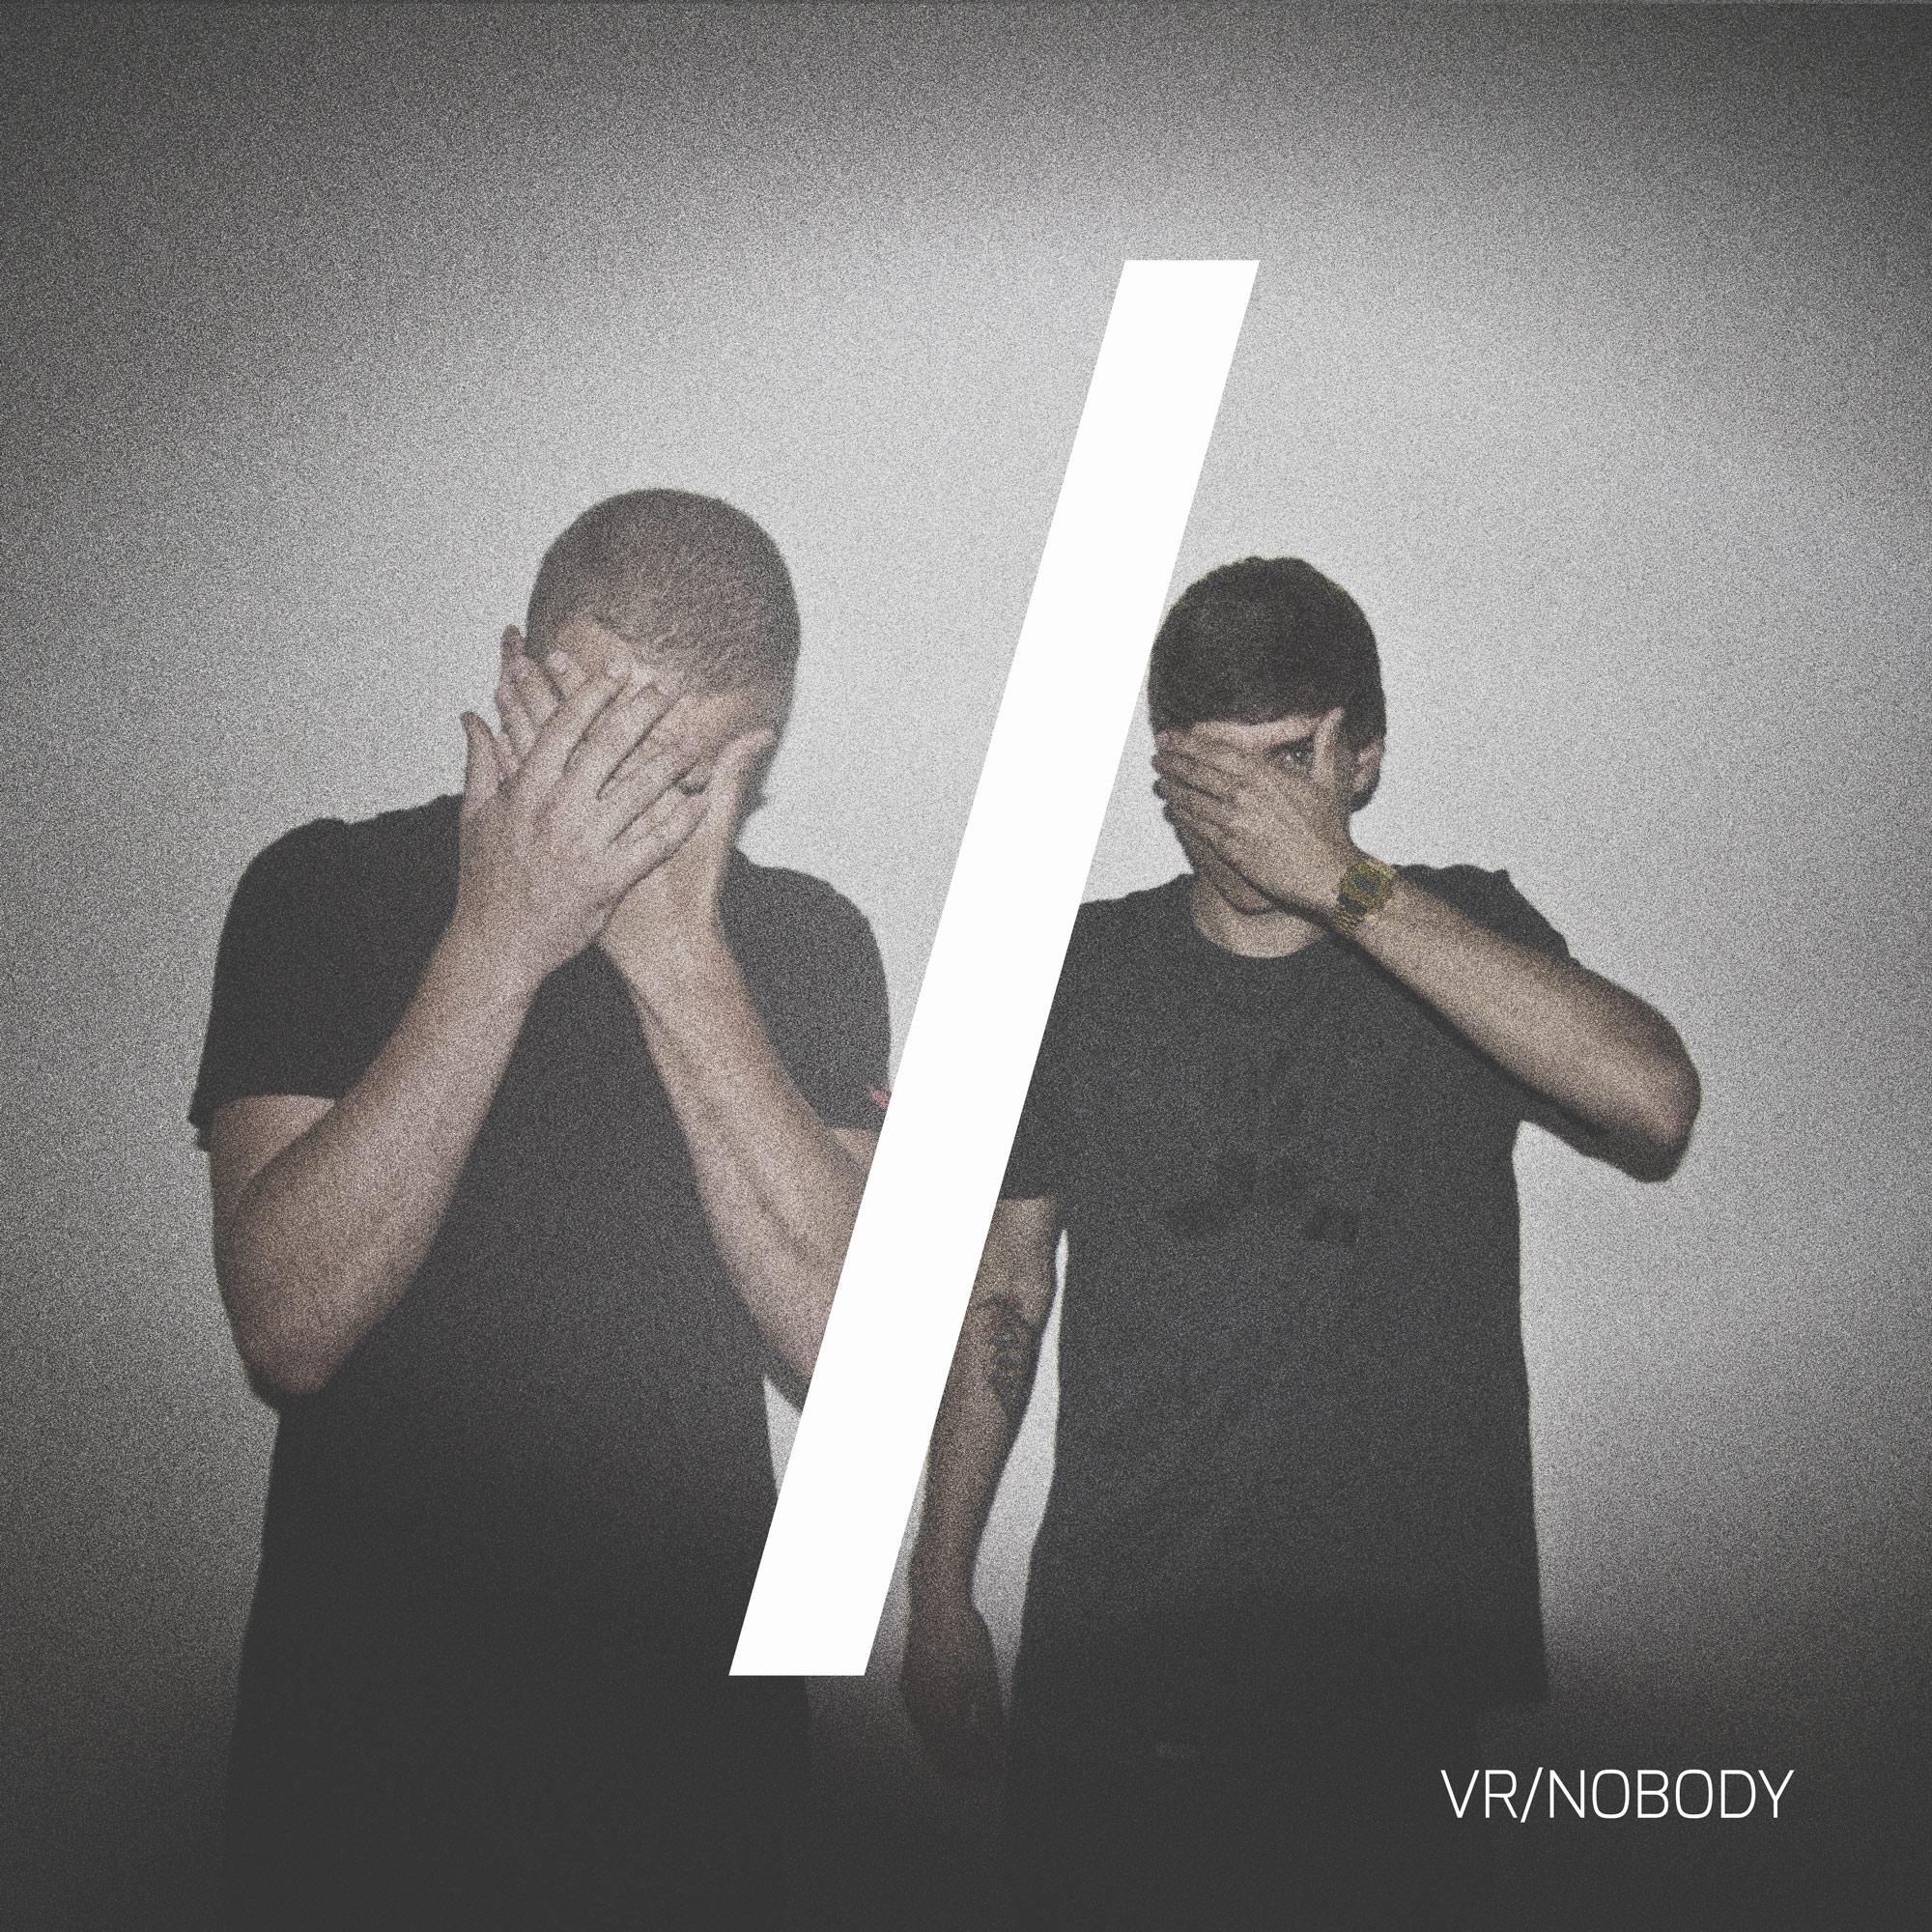 VR_NOBODY